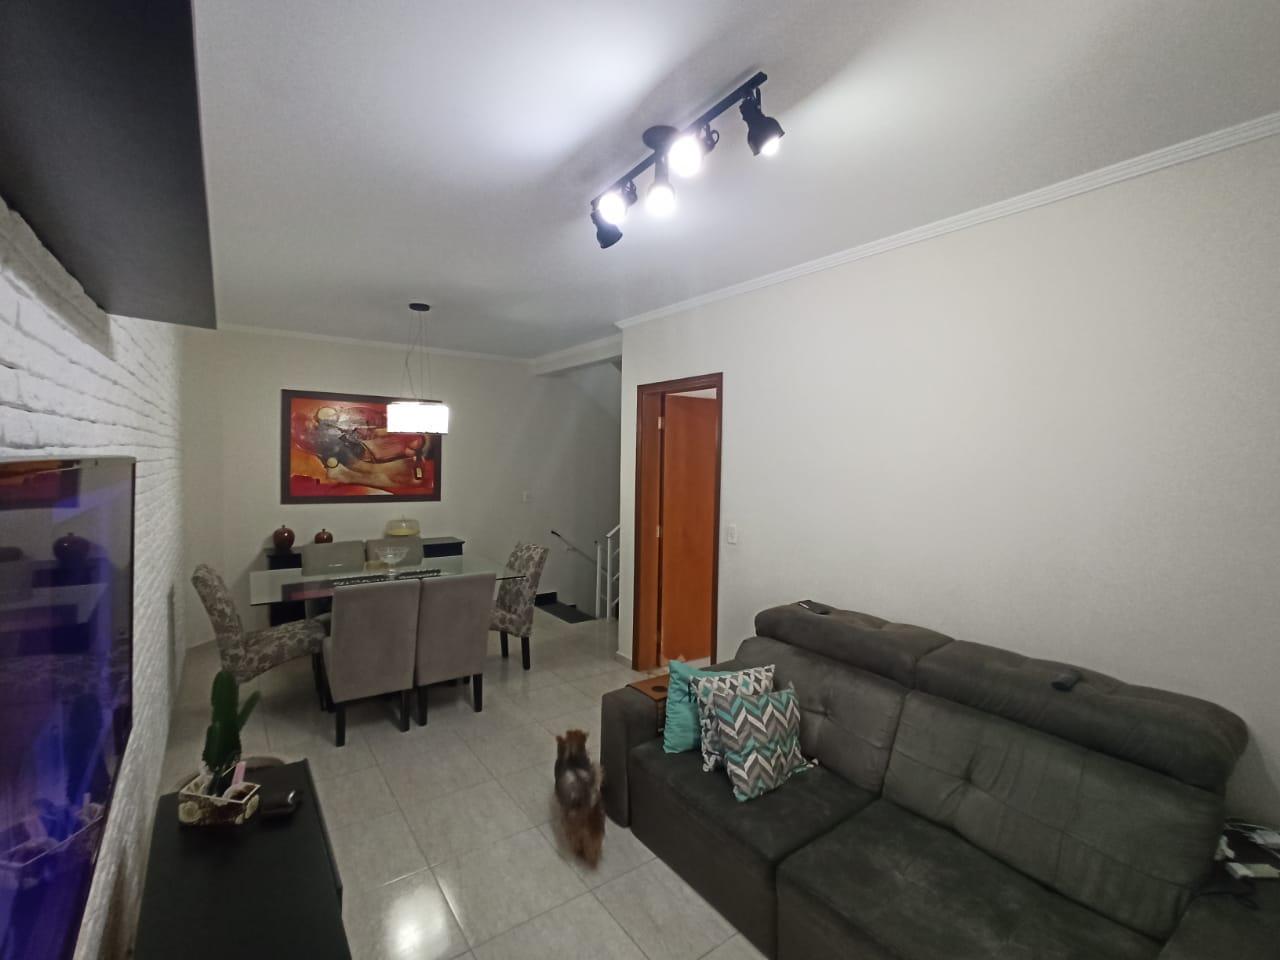 Casa com 3 quartos, sendo um suíte, sala 2 ambientes, três banheiros e duas vagas de garagem. - foto 9